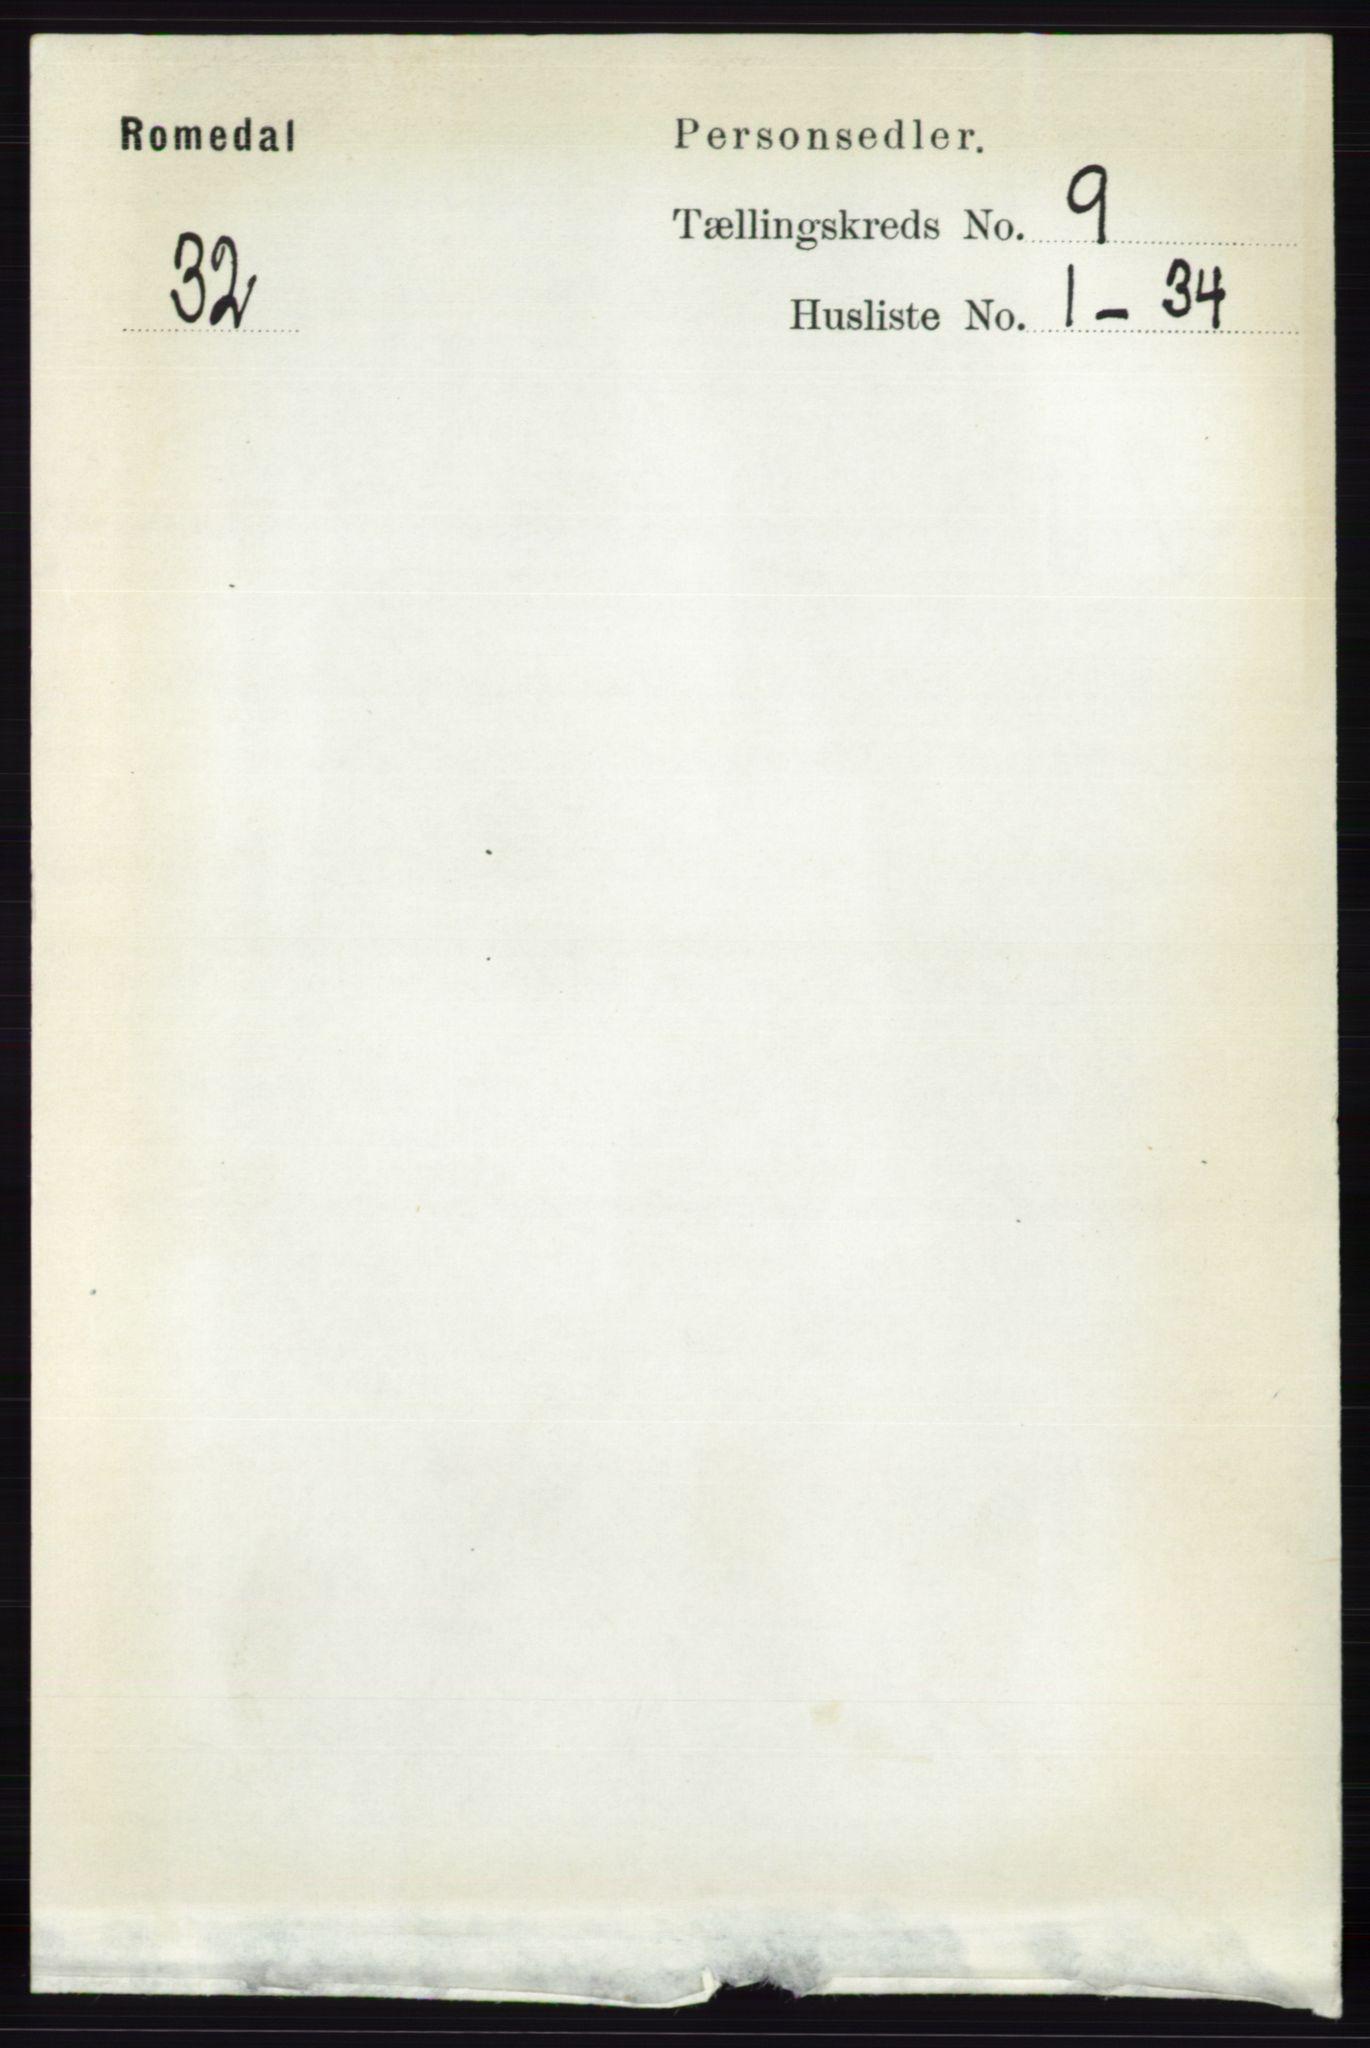 RA, Folketelling 1891 for 0416 Romedal herred, 1891, s. 4320